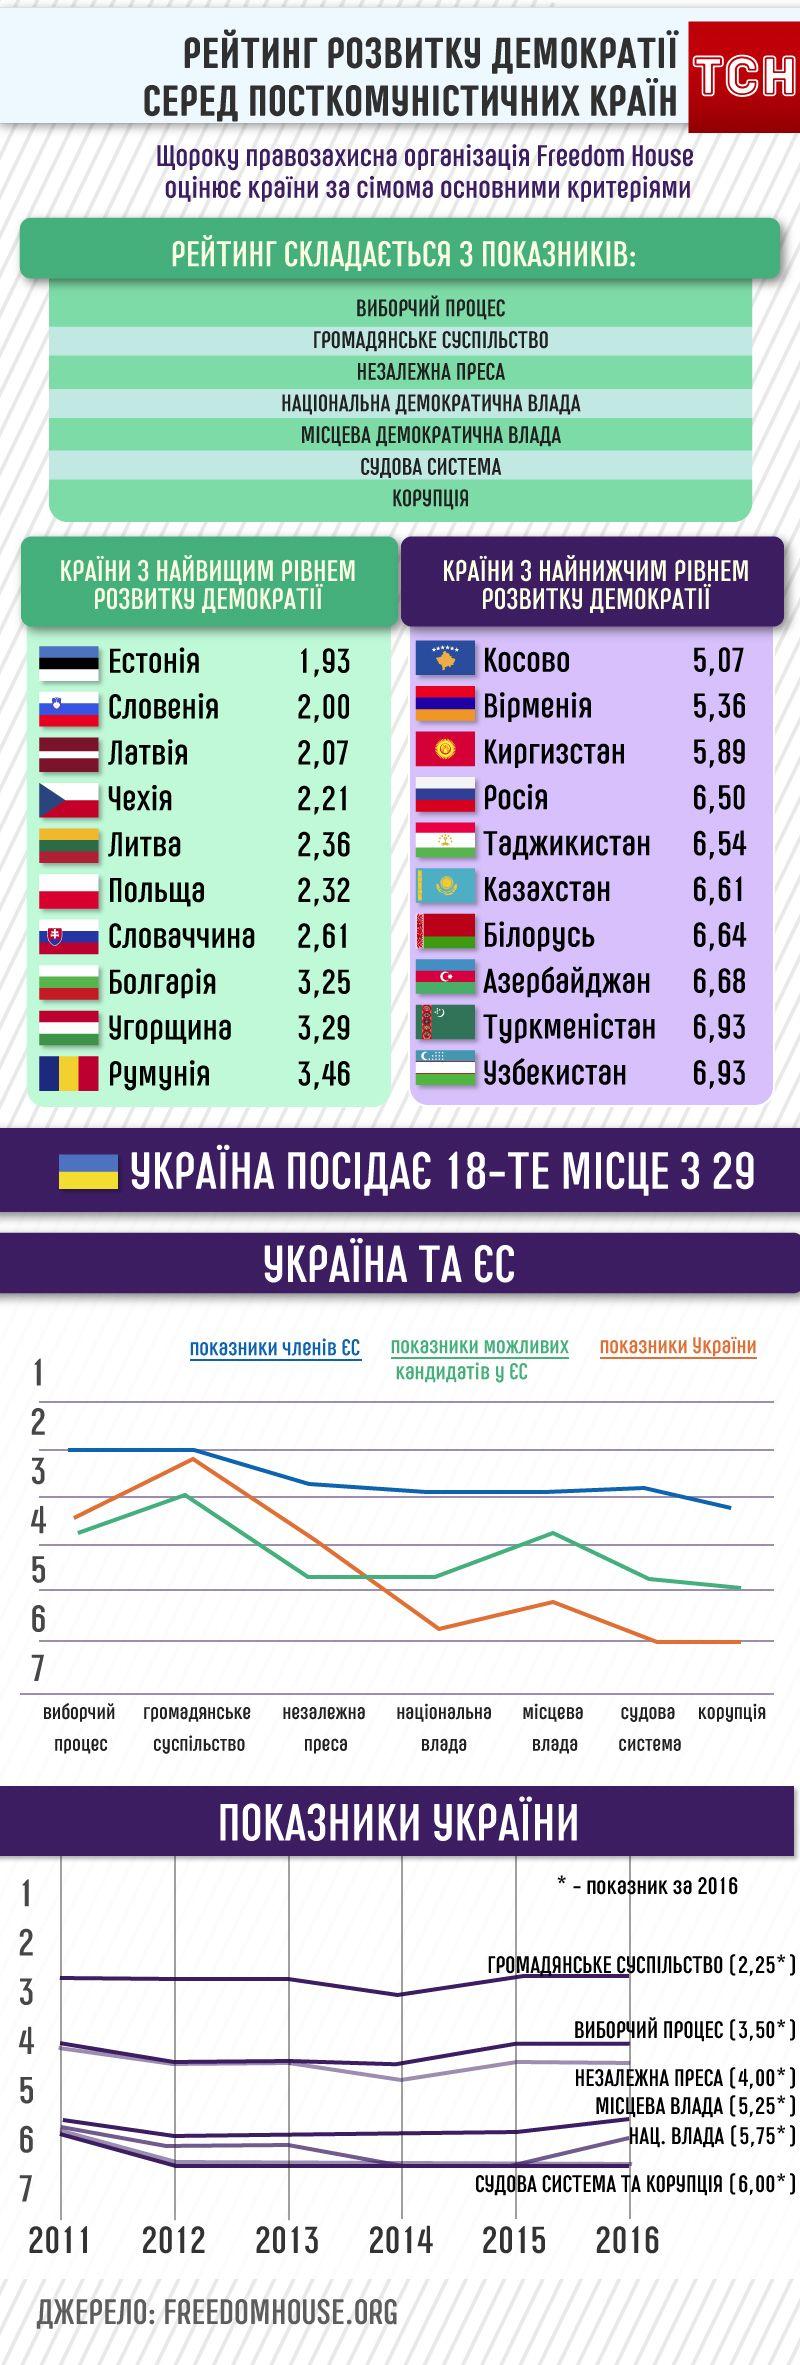 Рейтинг розвитку демократії серед посткомуністичних країн, інфографіка